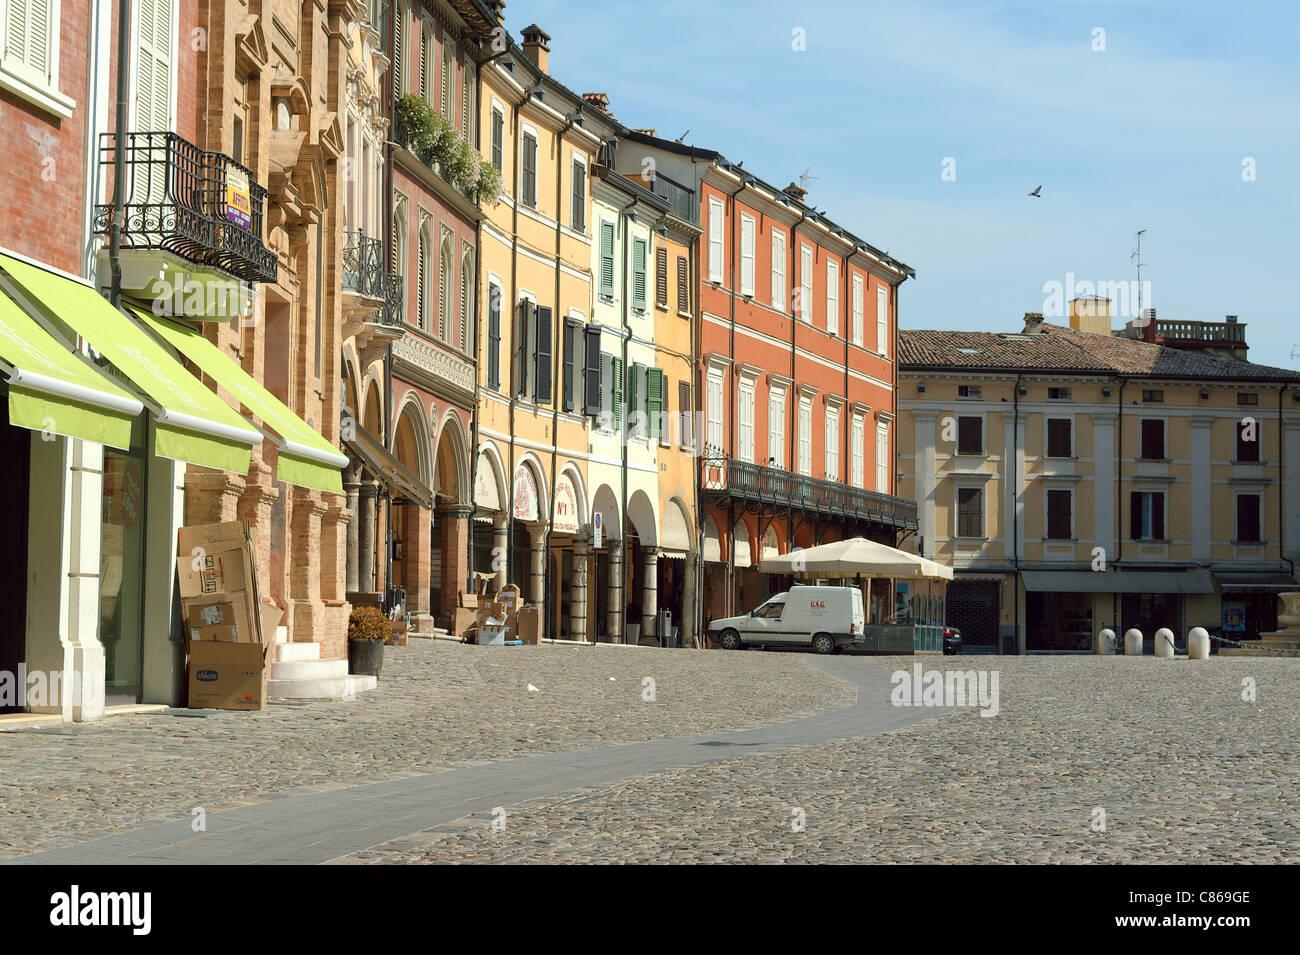 Cesena Piazza della Liberta Italy - Stock Image